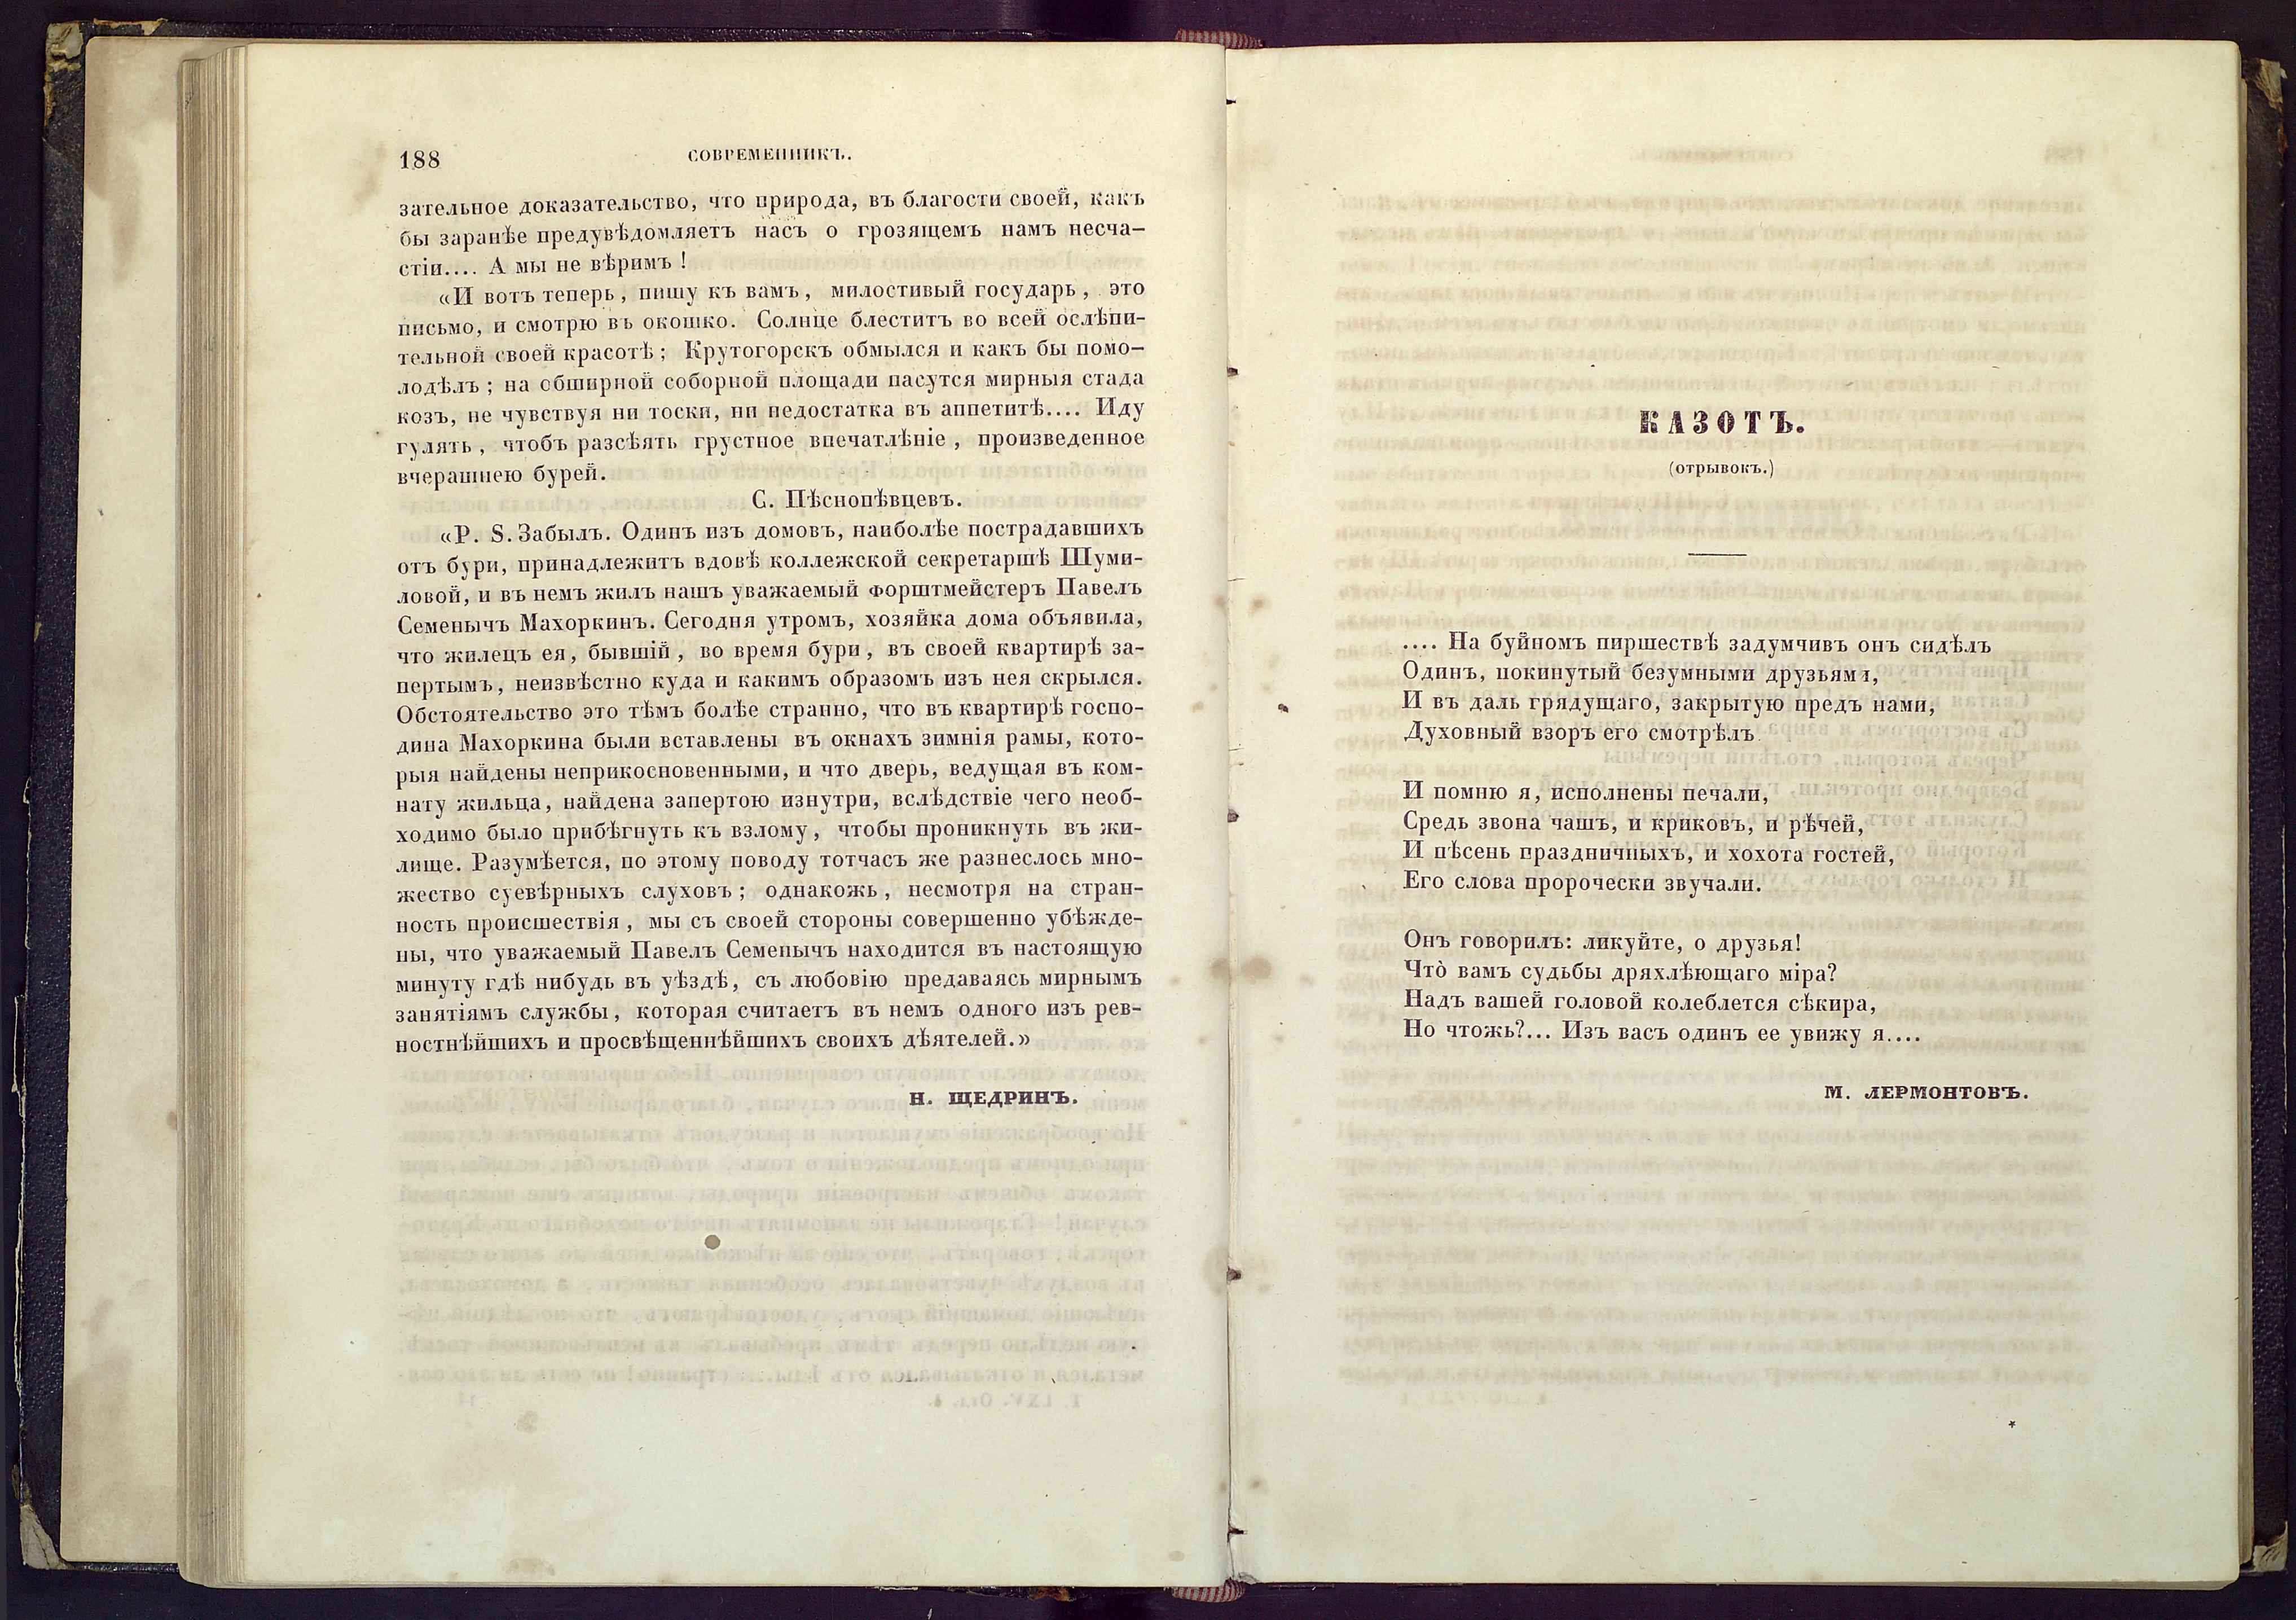 ЛОК-6618 ТАРХАНЫ КП-12875  Журнал Современник. Т. 65._4